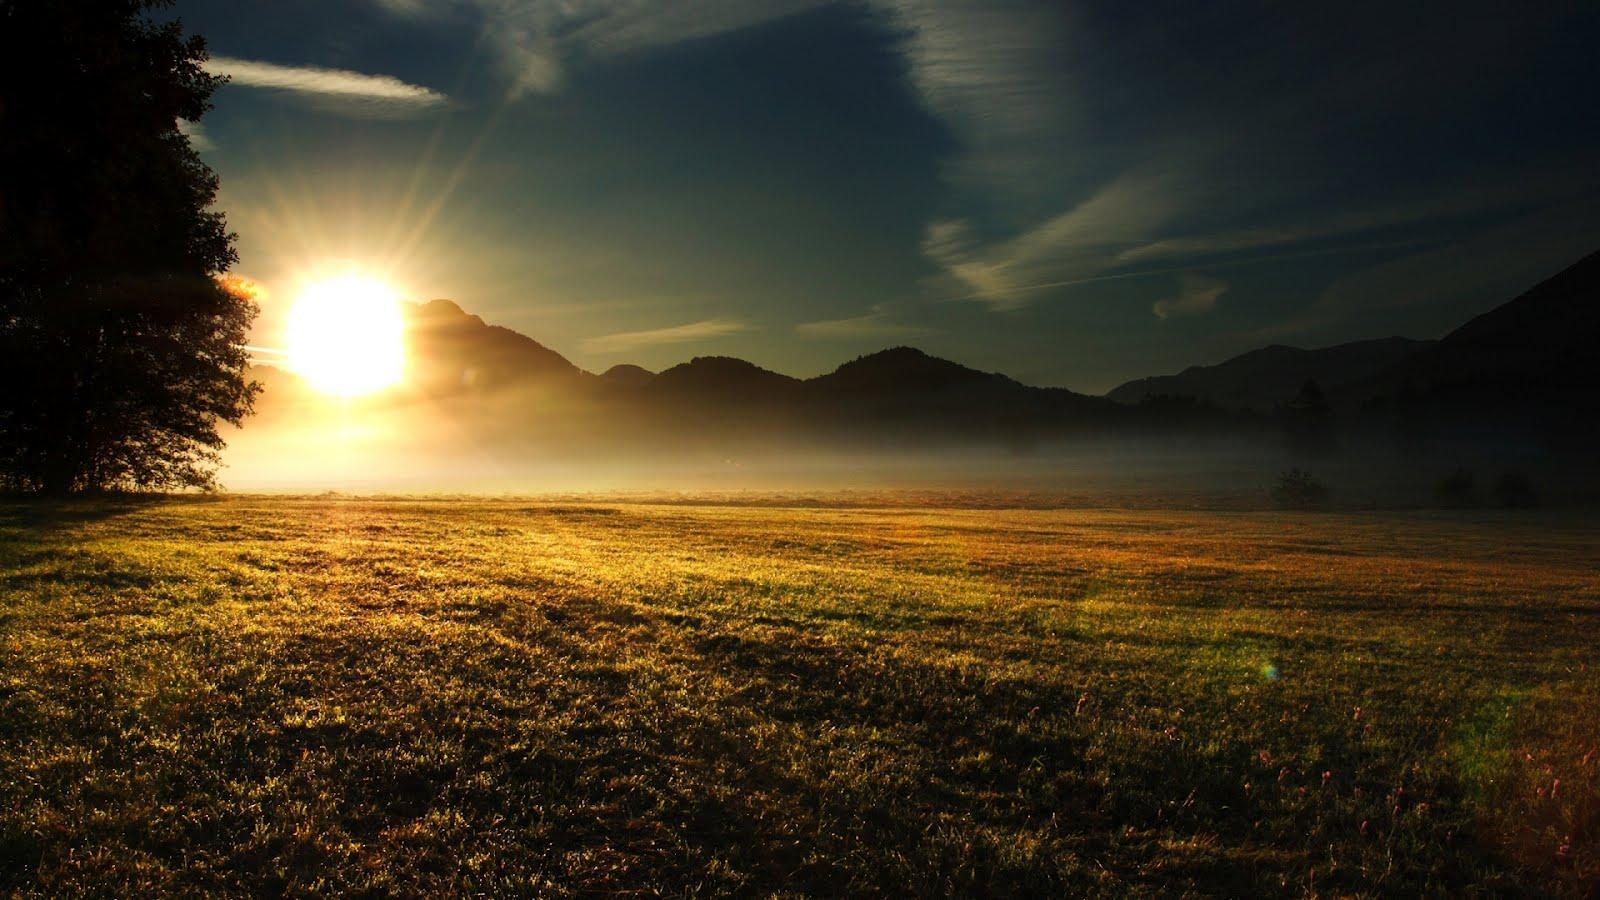 Beautiful Sunset Wallpaper Hd Desktop Wallpaper 1600x900